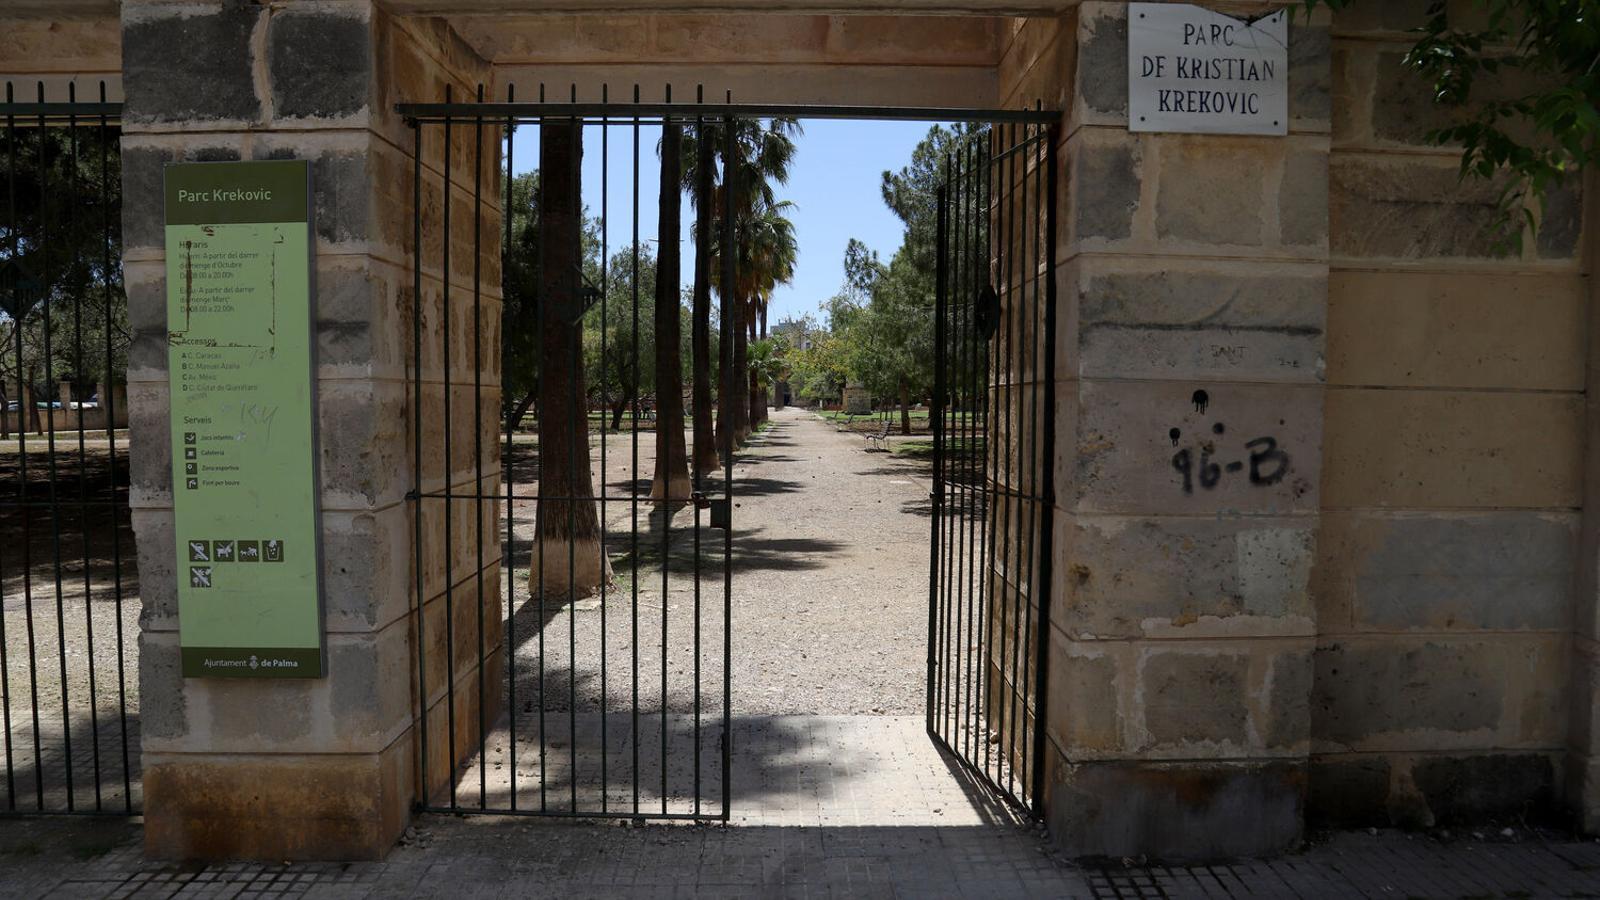 Els parcs i jardins de Palma tancaran a les 20 h a partir de diumenge